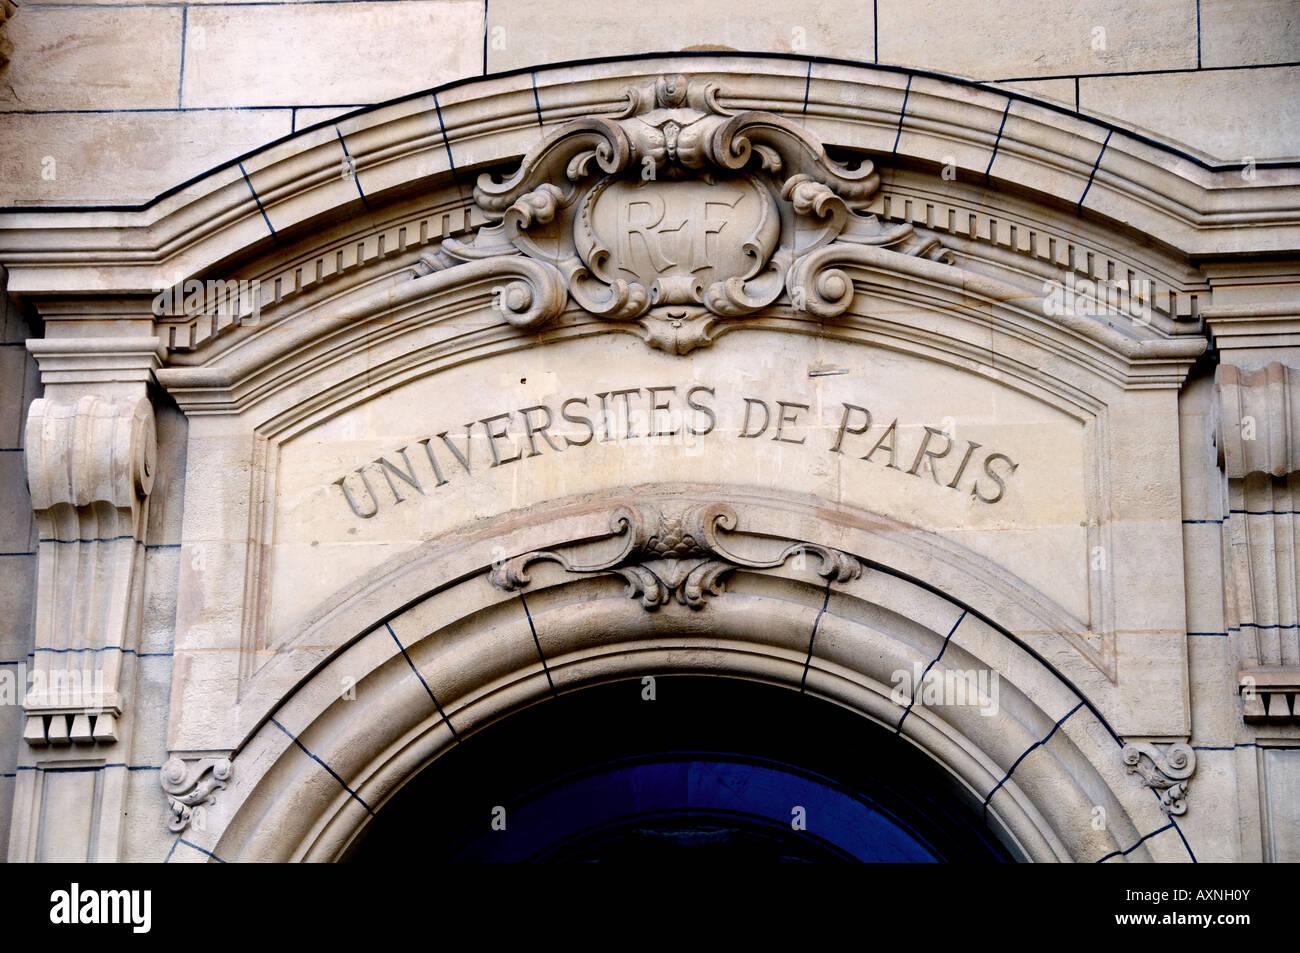 Sorbonne university of paris place la Sorbonne France - Stock Image